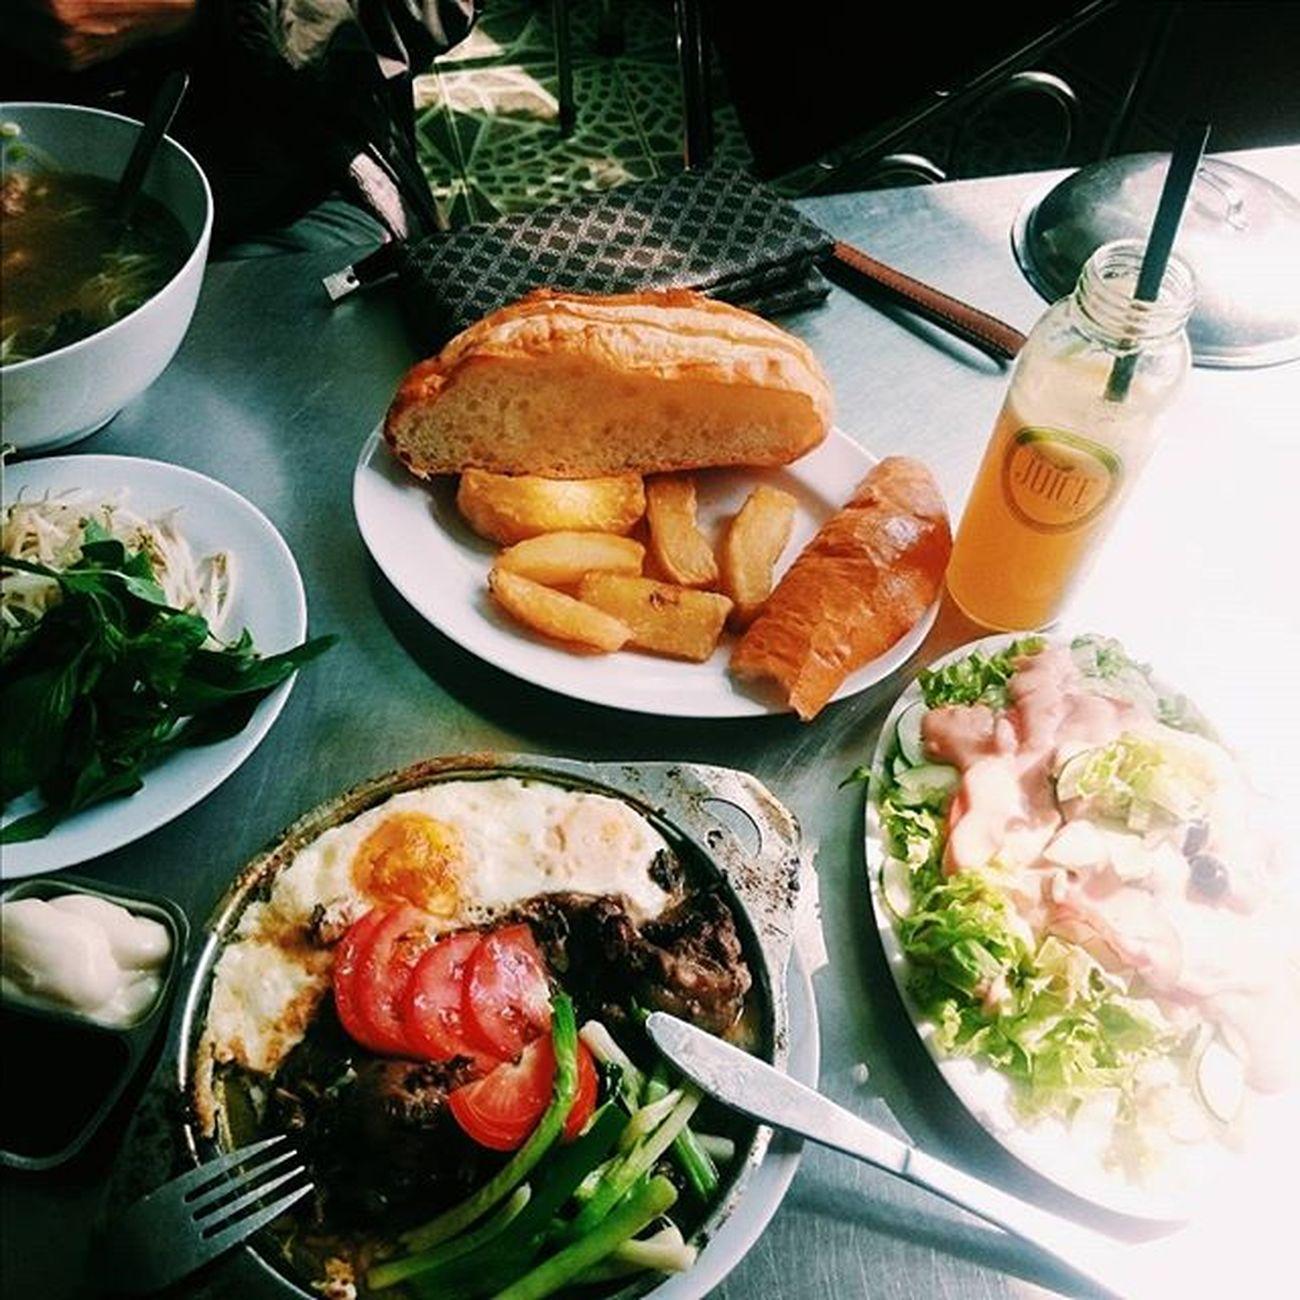 [Nhà hàng Ngọc Hiếu- 22 Hoà Mã] 🔹Đi ăn với phụ huynh nên là gọi món đắt nhất trong menu (190k~ not sure) không mảy may chút đắn đo 😂 Và em nó chính là những gì xuất hiện trong bức ảnh =))) 1 suất bít tết gồm 1 miếng thịt bò, 2 quả trứng, nước sốt đặc biệt cho bít tết kèm salad, bánh mì và khoai tây chiên. Nhìn tưởng no mà no không tưởng 😅 🔹Tất cả mọi thứ đều ăn khá ổn, không quá suất xắc nhưng phải nói đến là món salad và nước sốt siêu chua :| Chua đến nỗi một đứa ăn chua như mình cũng không chịu được. Không biết có phải khẩu vị hôm đó không tốt không nữa == 🔹Giá cả thì nhìn chung tương đối chát, vì ăn lâu rồi nên cũng không nhớ rõ cụ thể nhưng rơi vào khoảng 100-200k/ người. 🔹Recommend cho những bạn nào ăn khoẻ nhé, ăn no đứ đừ từ trưa đến tối luôn 👍👍👍 Lozi Lozihn Lozihanoi Foody Foodyhanoi Foodyvn Zizohanoi Foodporn FoodADDICT Foodstagram Foodiary Foodie Foodlover Foodaholic Food Instafood Instadaily Vscocam Vscovietnam Vscodaily Vscofood Hanoi Steak Beefsteak Eggs salad bread yummy susfoodtrip